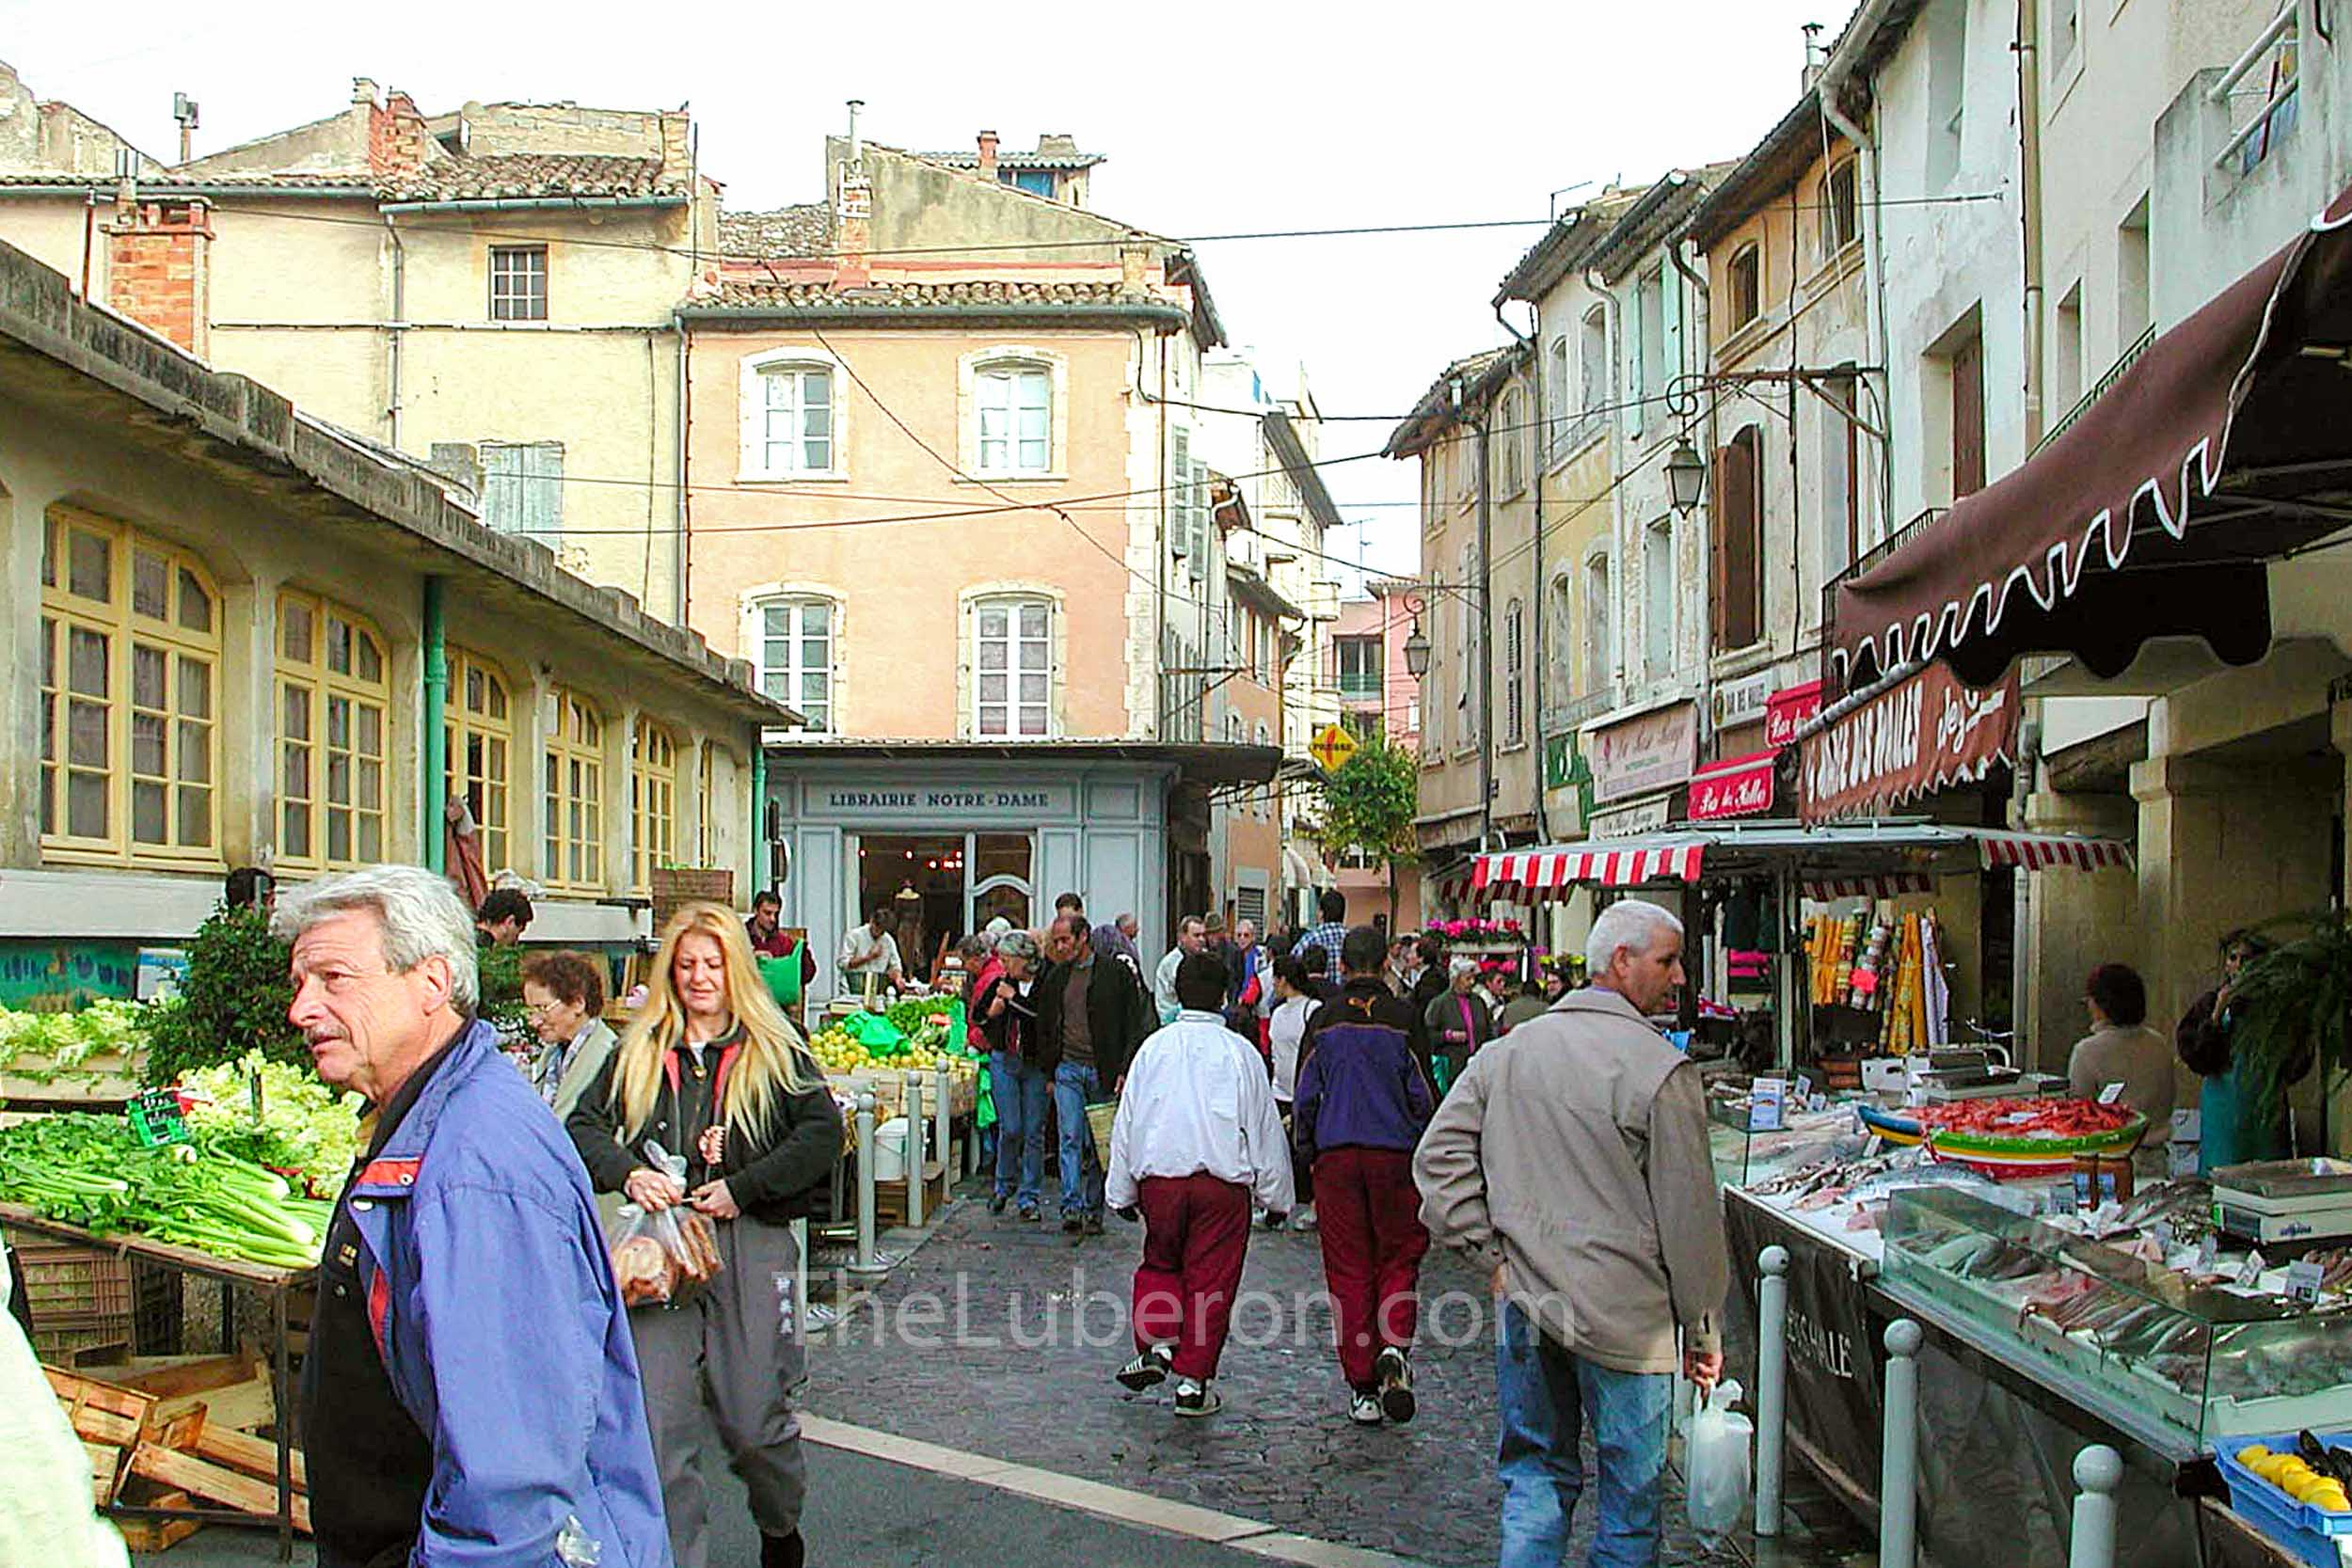 Cavaillon market on a Monday morning